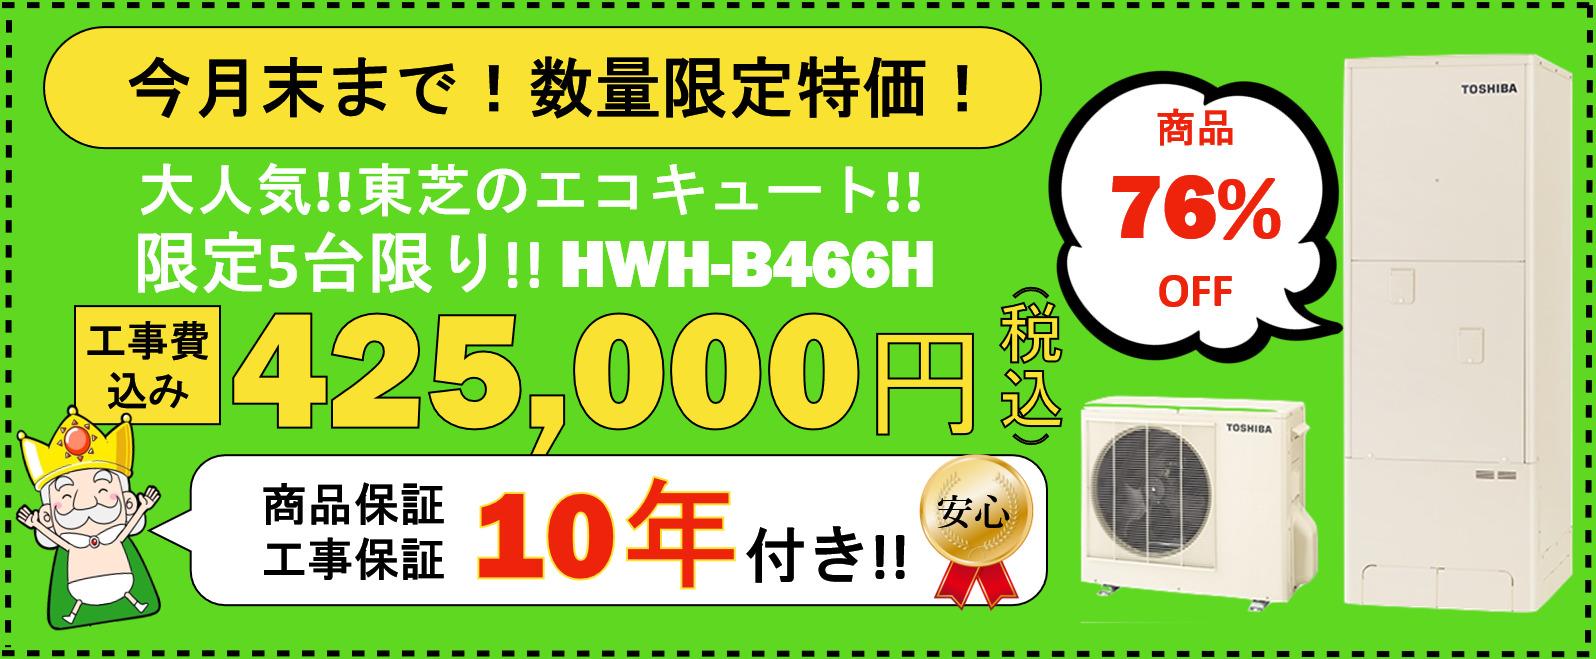 大人気!!東芝のエコキュート!!限定5台限り!!HWH -B466H 商品保証、工事保証10年付き!! 工事費込み425,000円(税込)